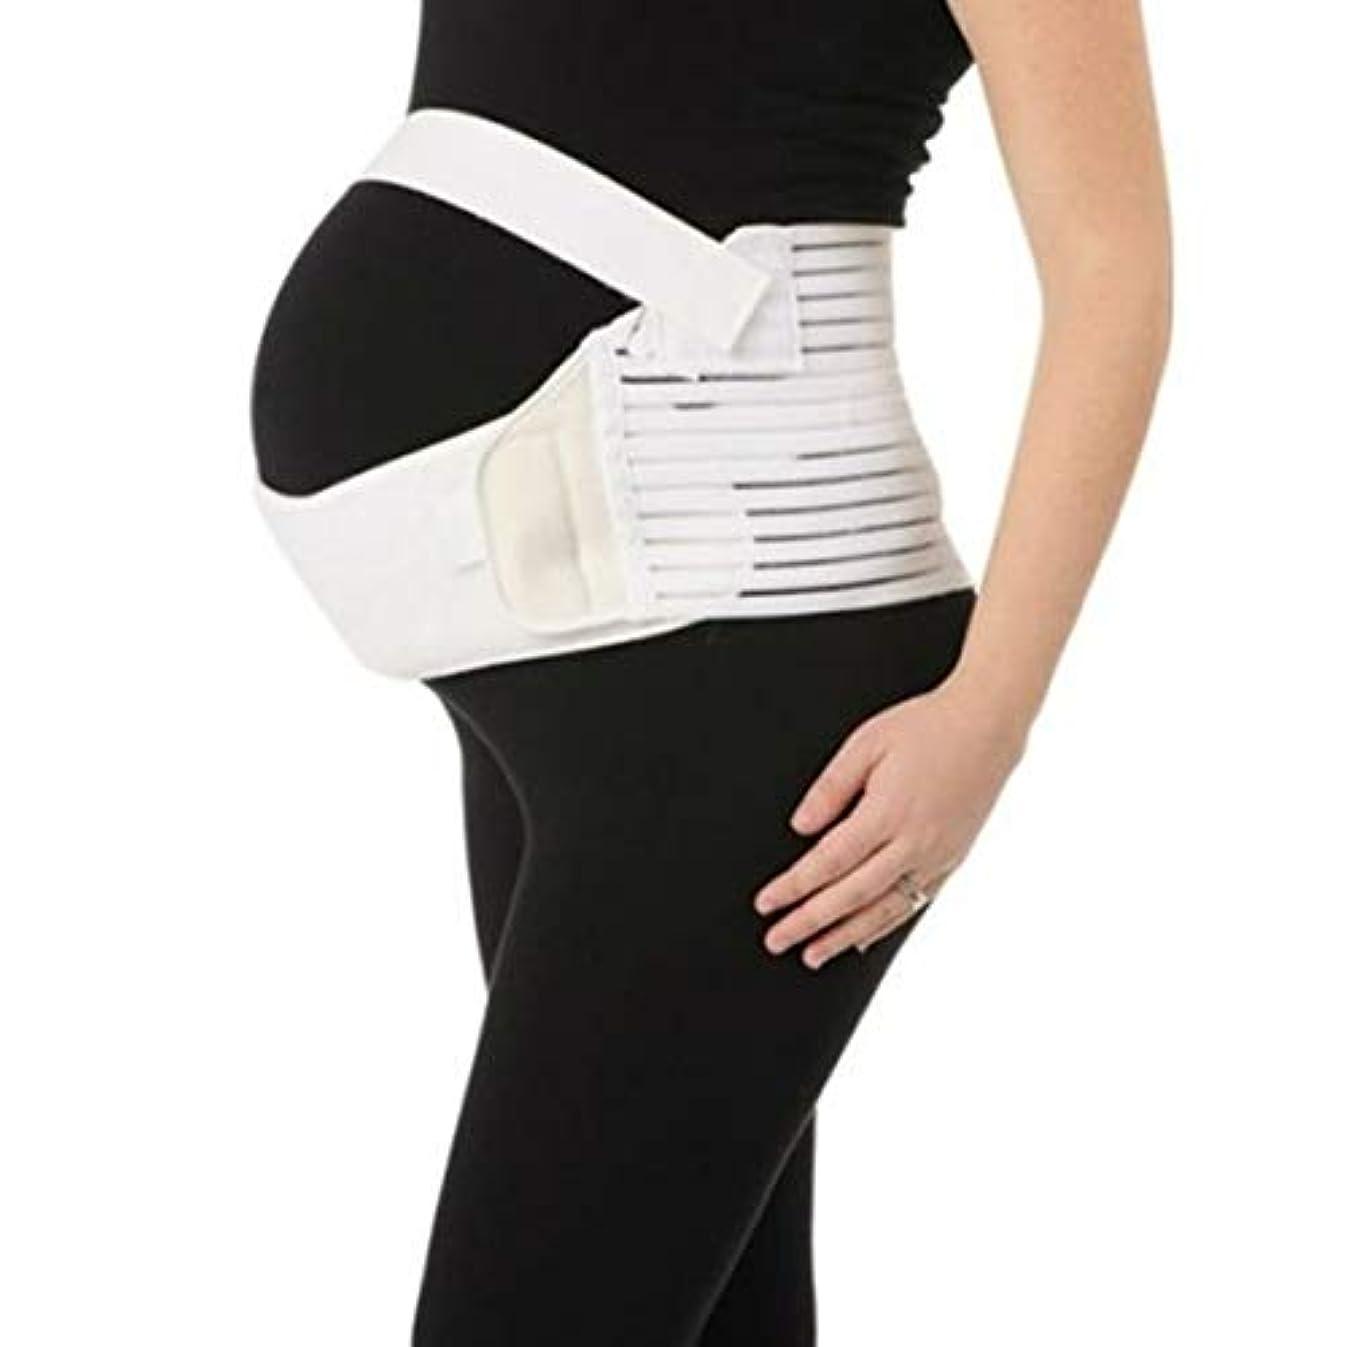 言い直すドロップしてはいけない通気性マタニティベルト妊娠腹部サポート腹部バインダーガードル運動包帯産後の回復shapewear - ホワイトL